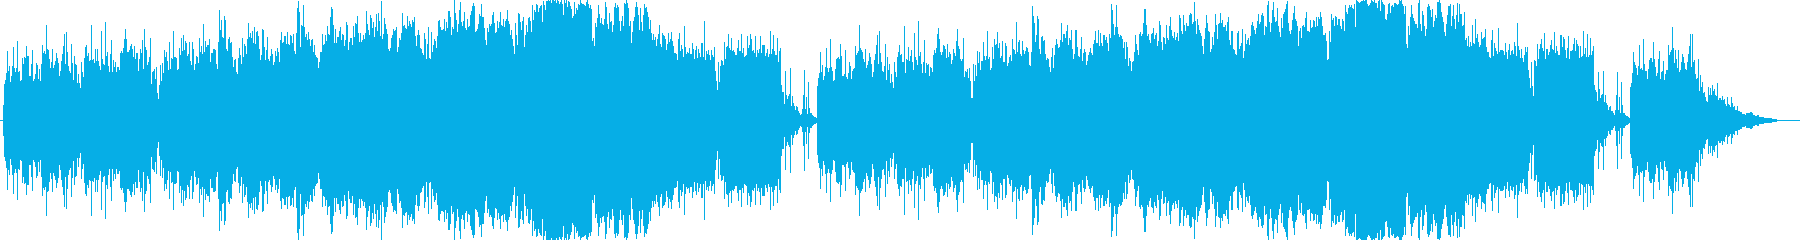 不思議な森をイメージしたBGMの再生済みの波形